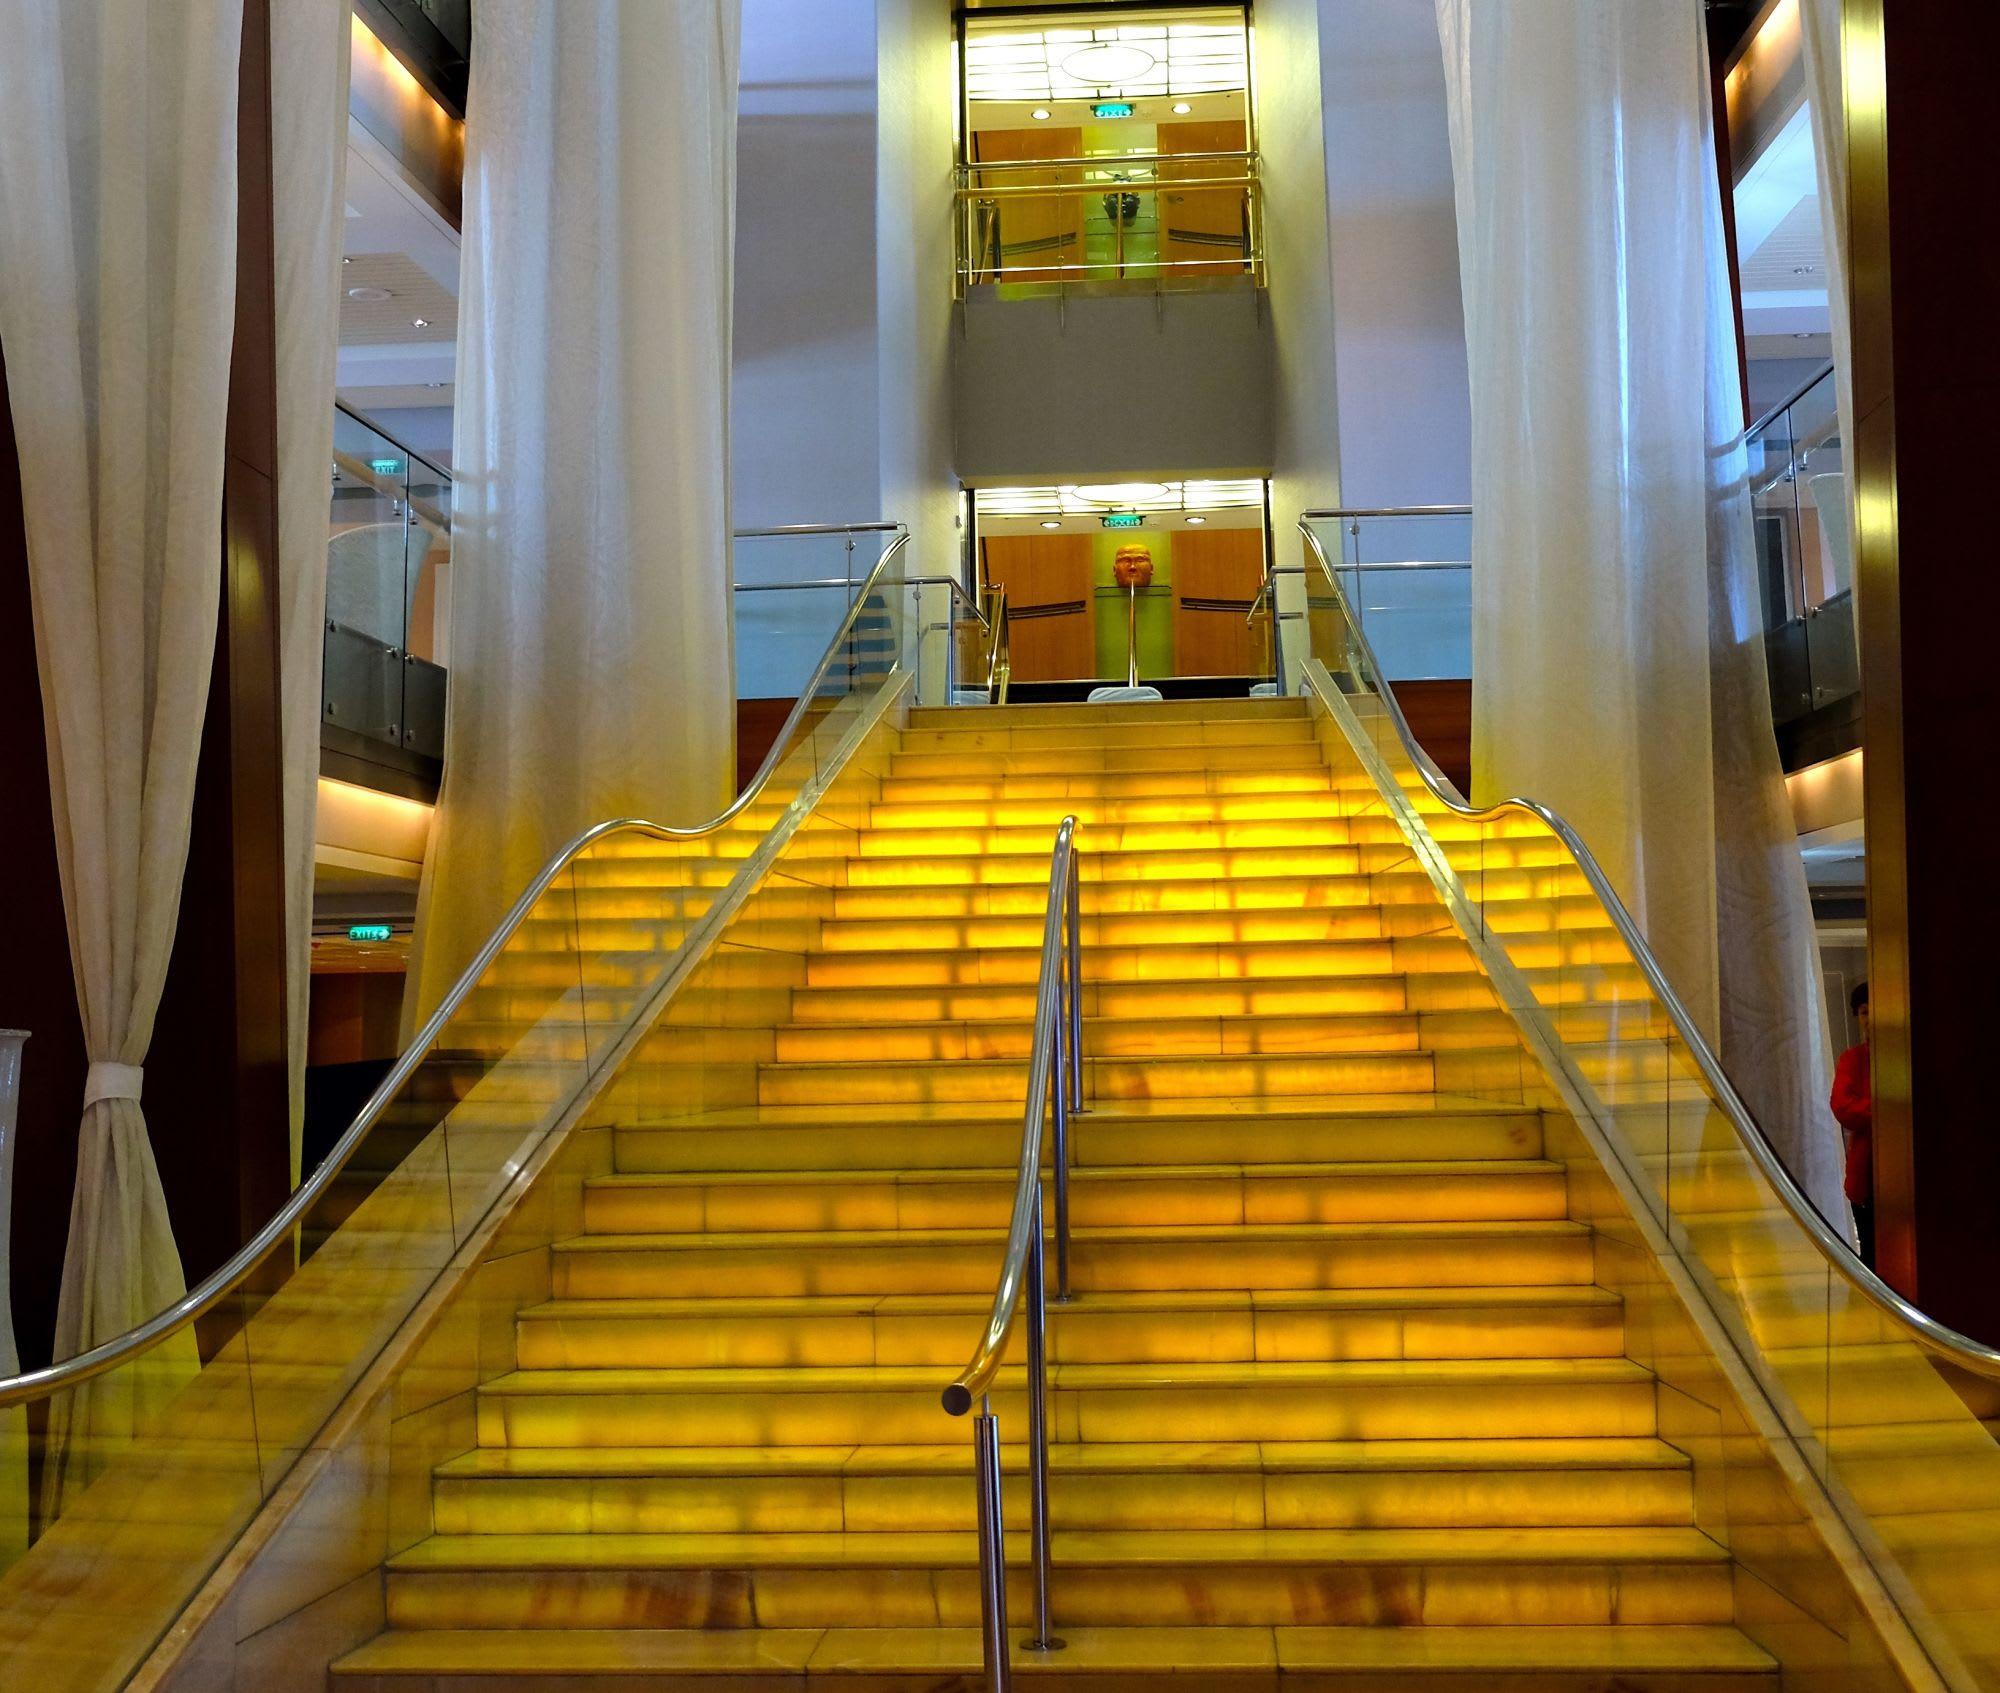 Deck3〜5を結ぶ大階段はエレガントな雰囲気のここグランド・フォイヤーは変わらない存在感